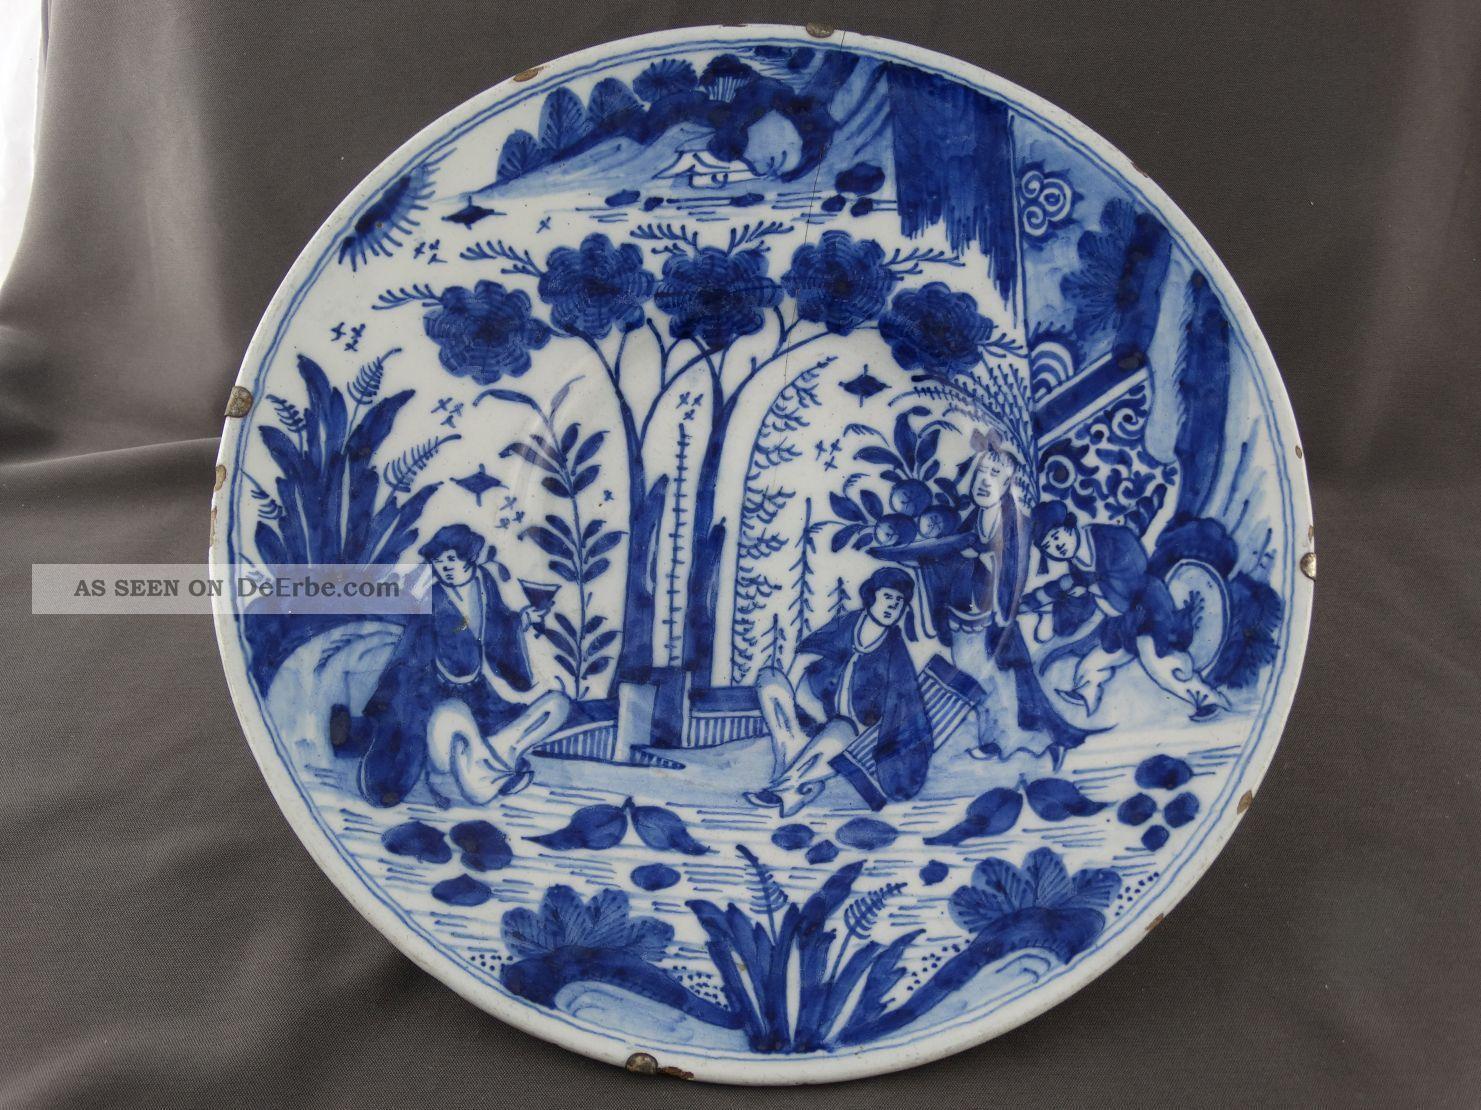 Großer Antiker Teller Keramik Vor 1800 Holland Gk / Kruyk Chin.  Dekor Personen 3 Nach Stil & Epoche Bild